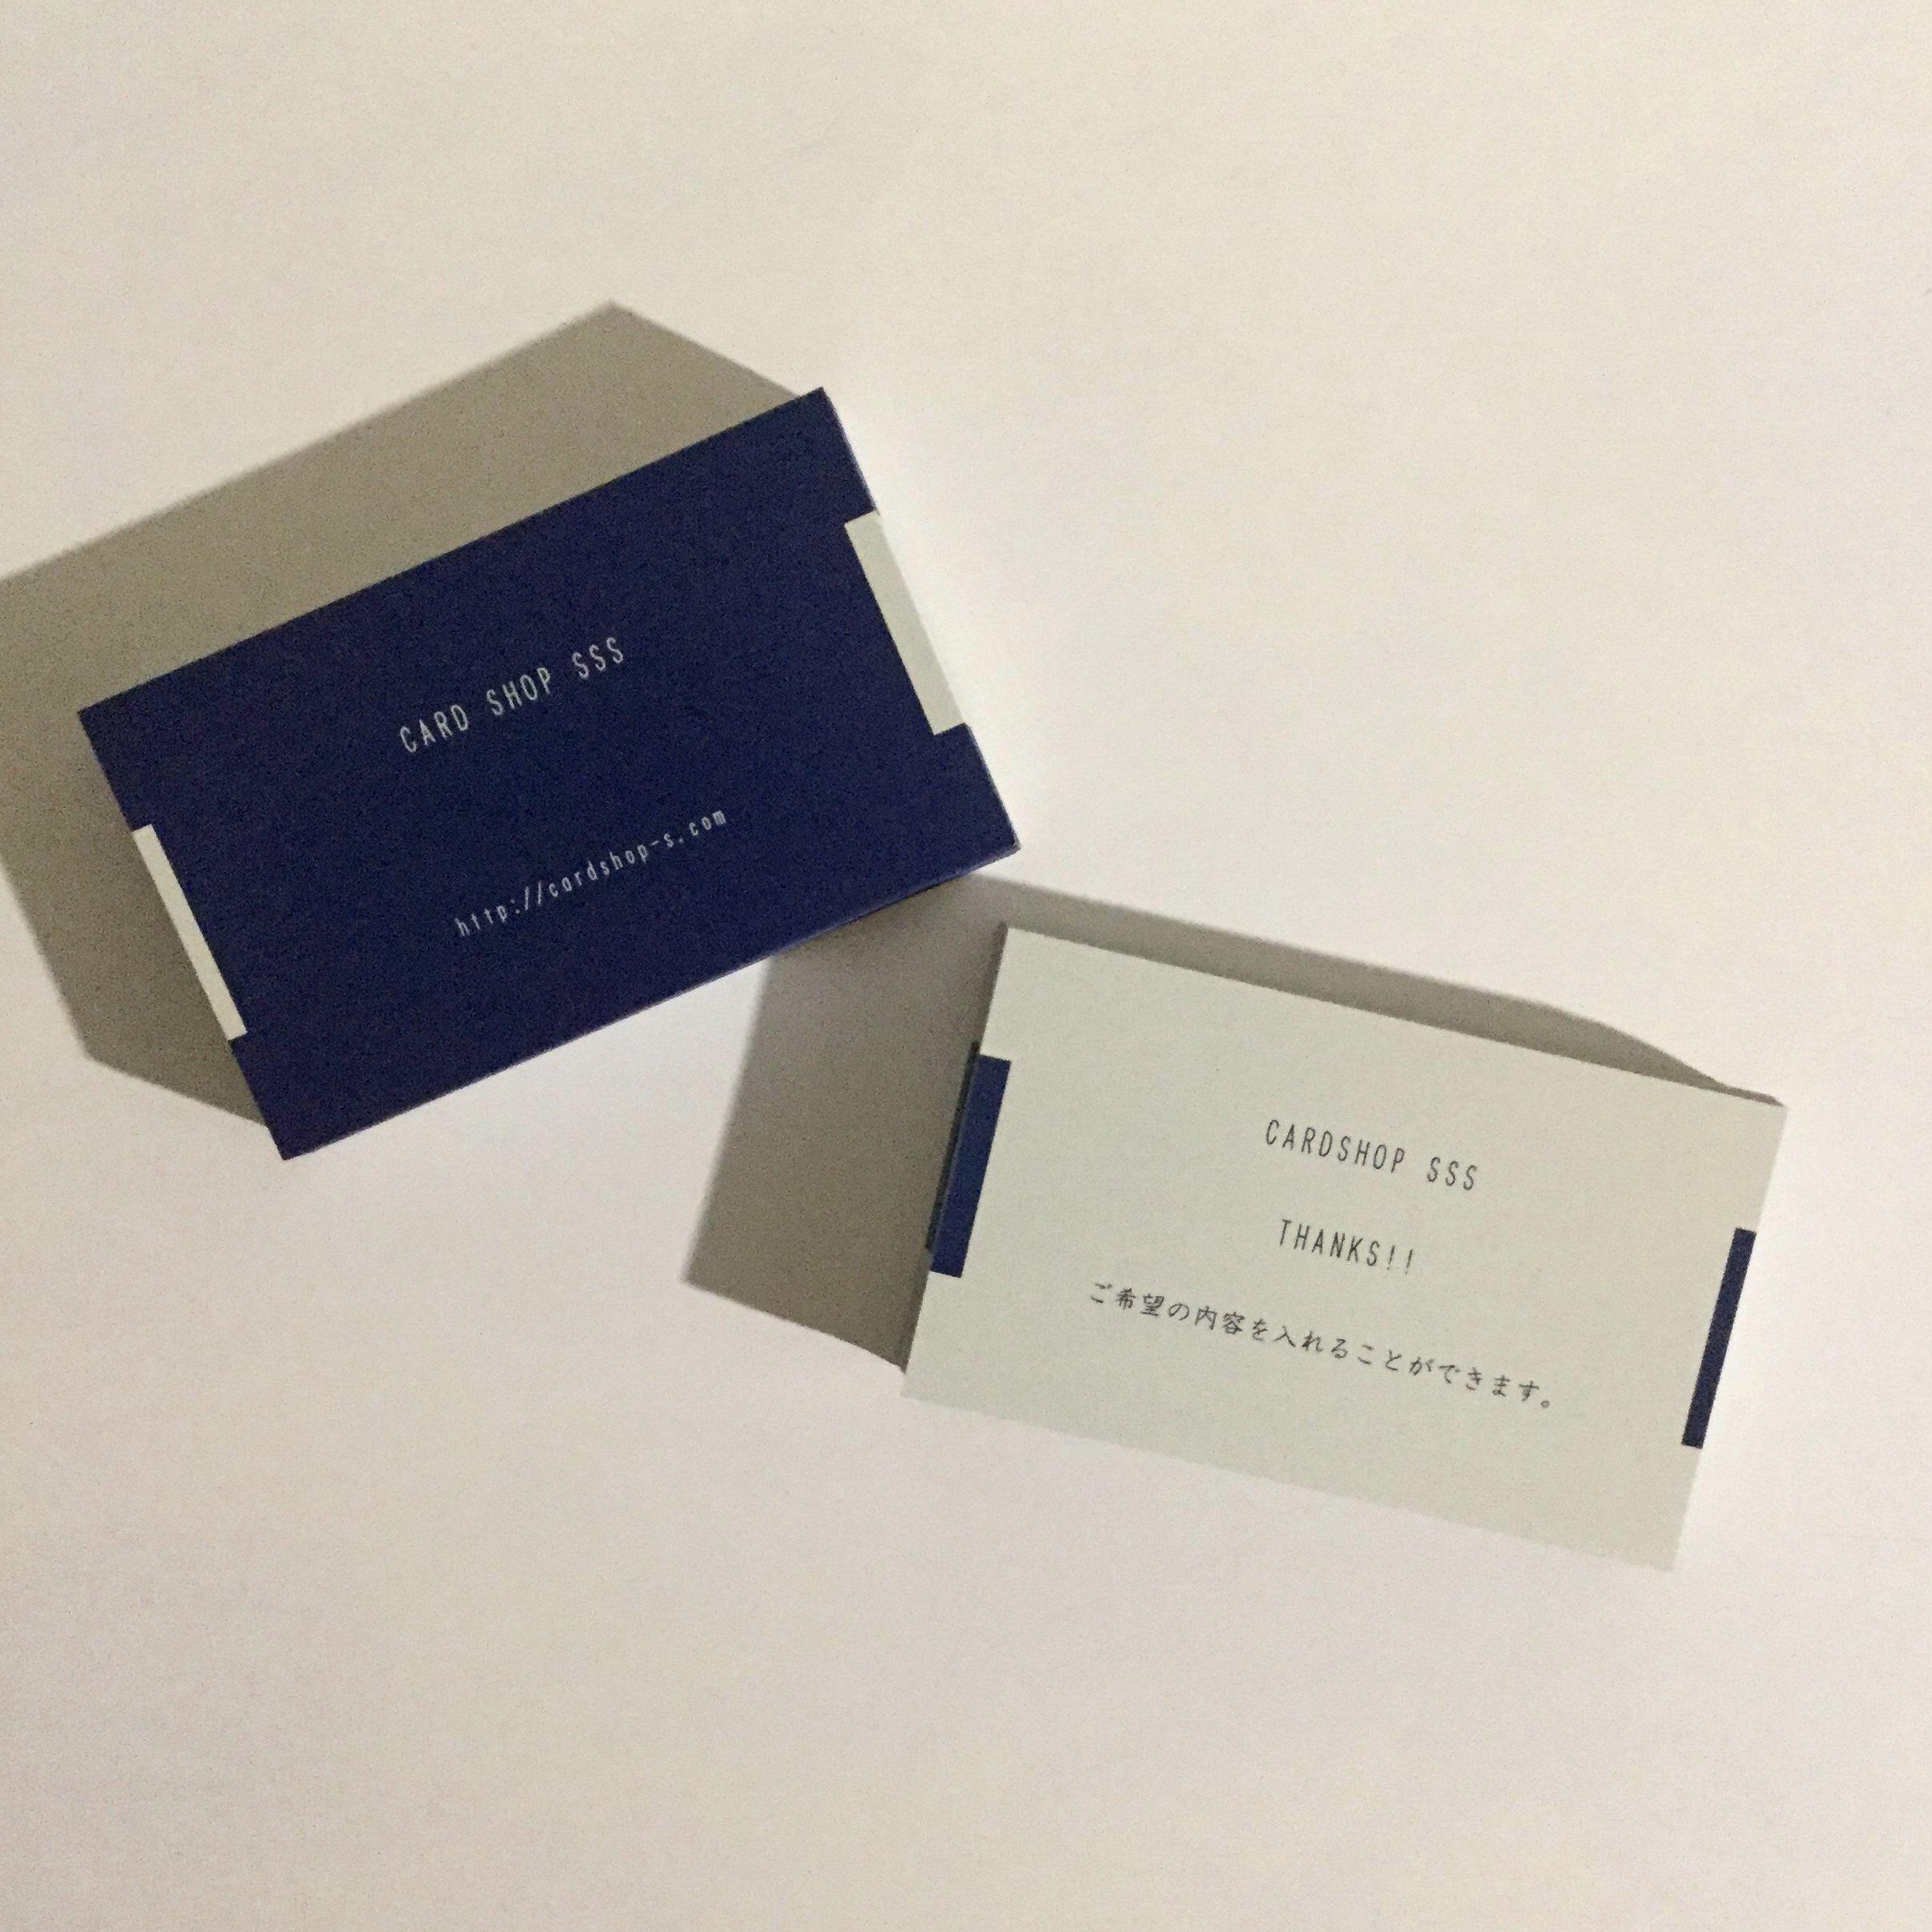 29d4_nev【100枚】カスタマイズ名刺【ショップカード】